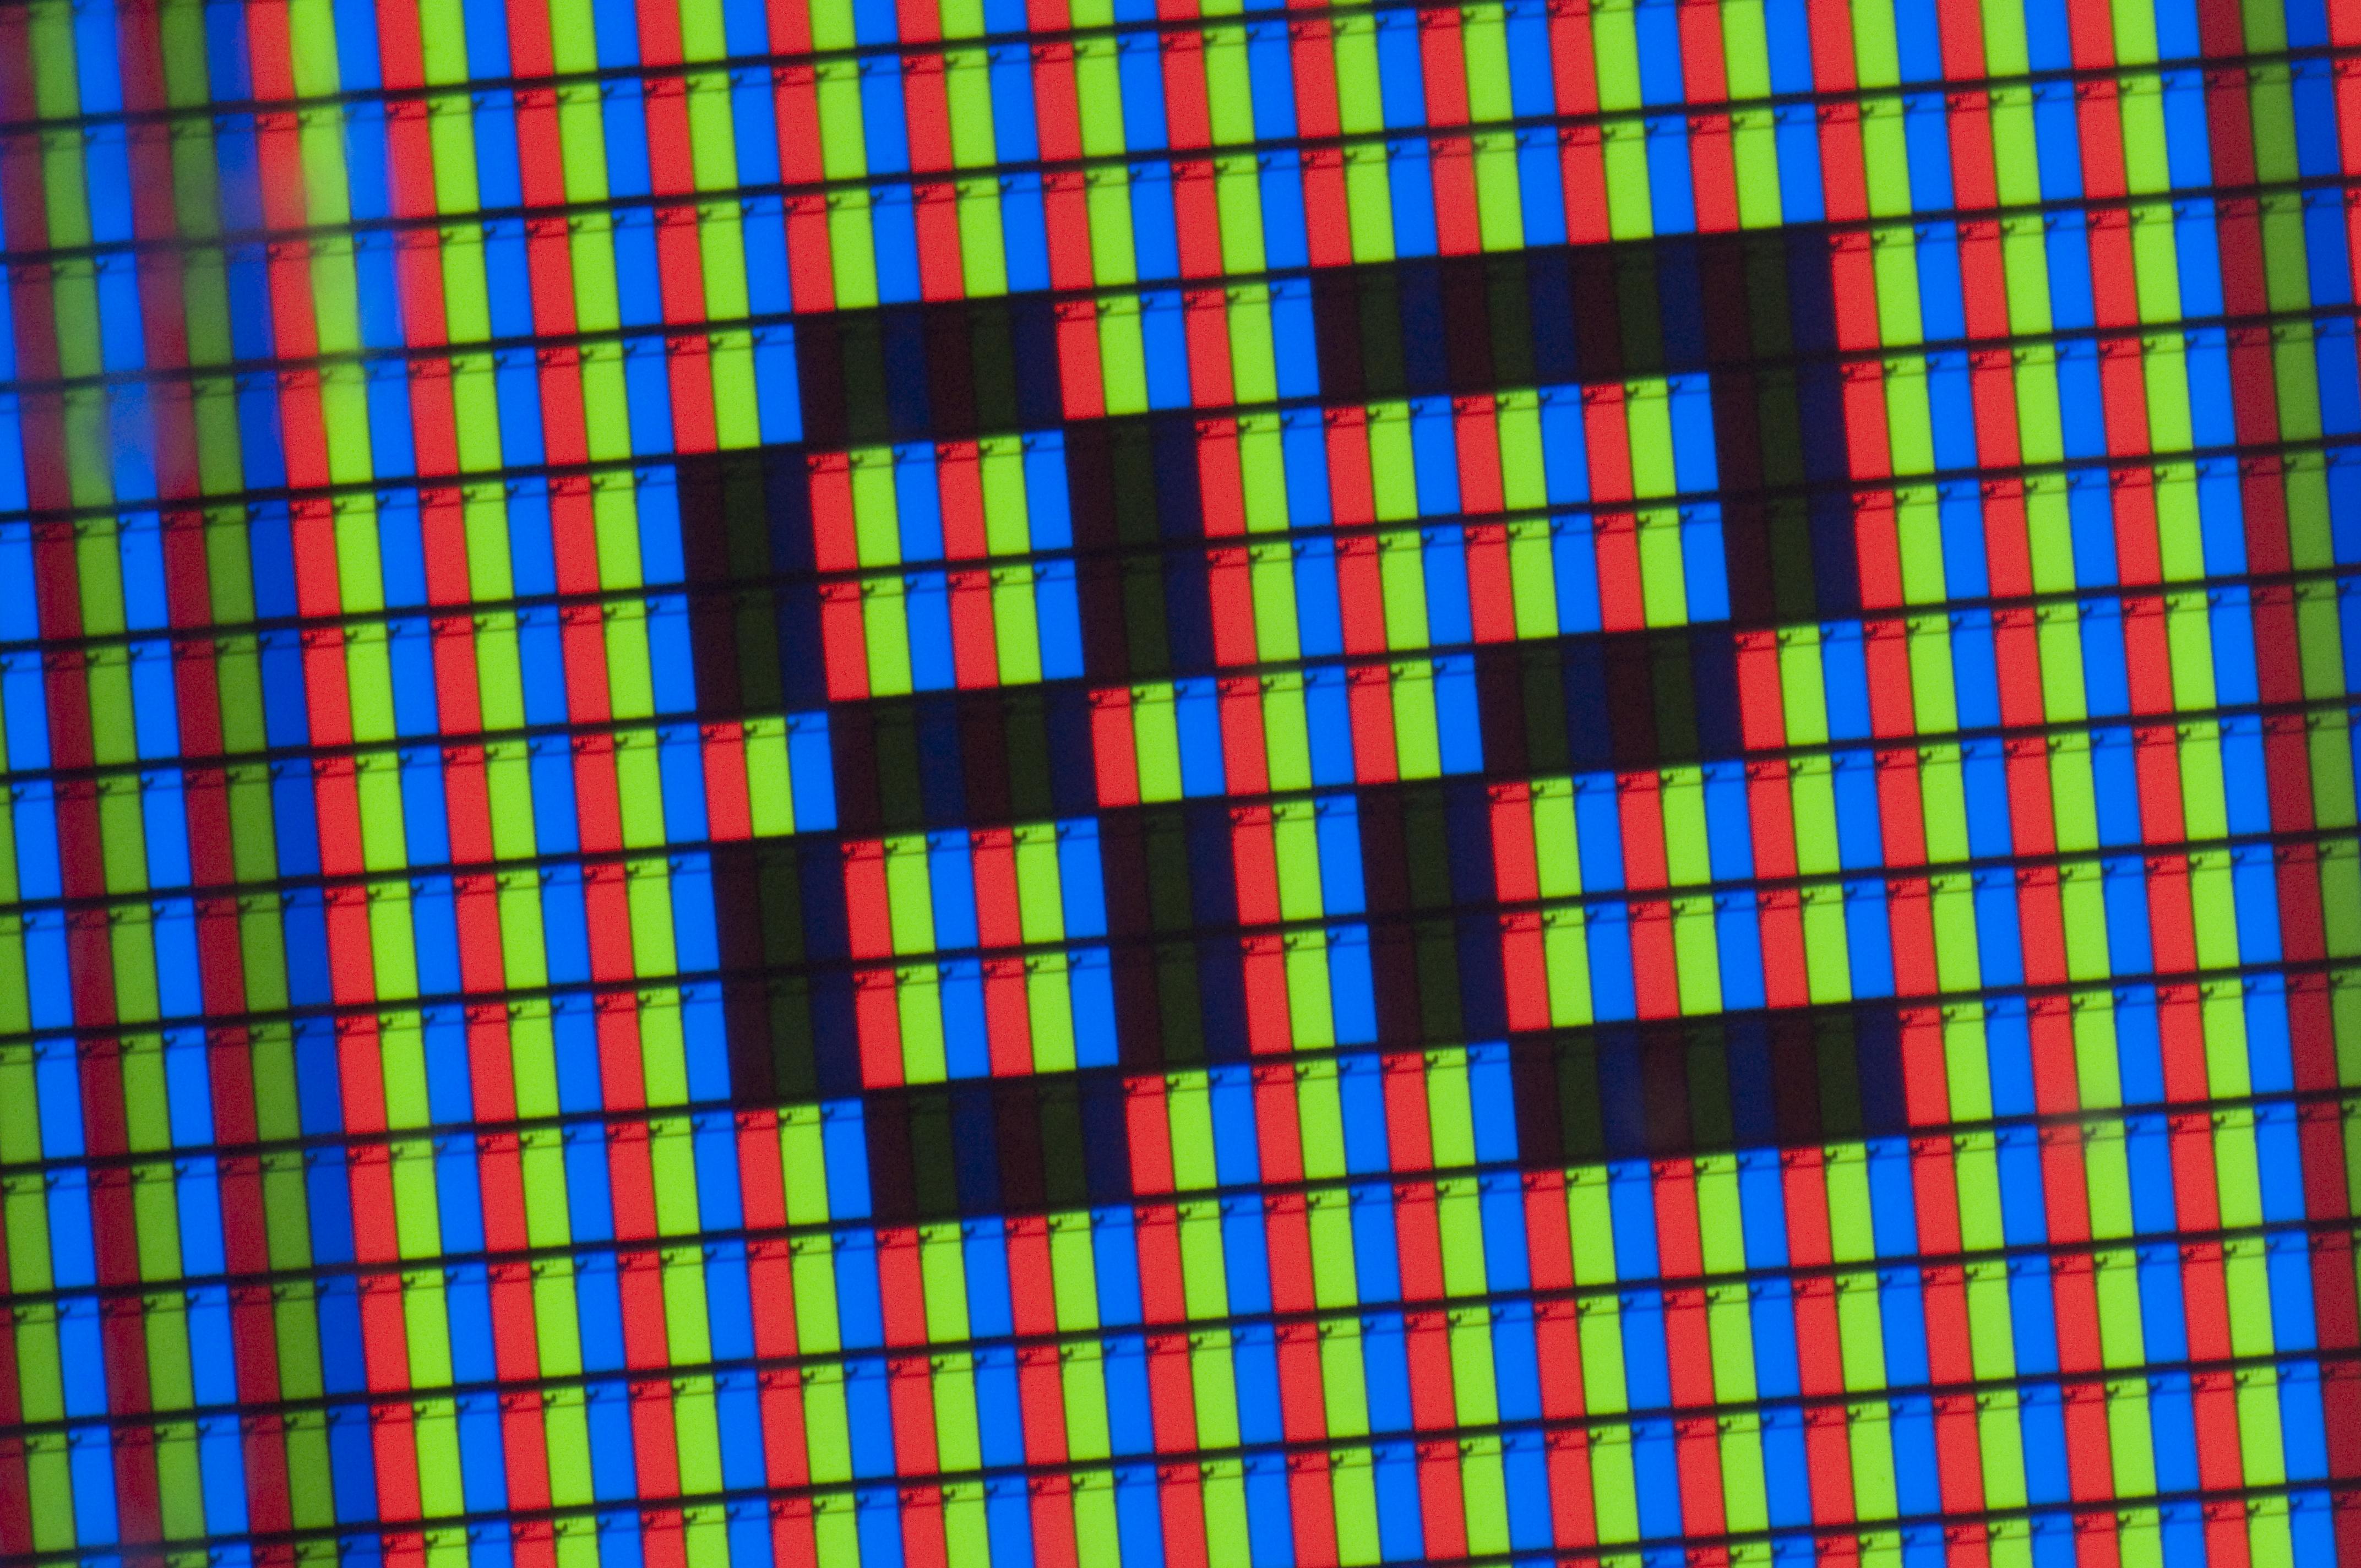 <b>ニンテンドーDS Lite(左)の液晶画面を中間リング2つで撮影(右)</b>